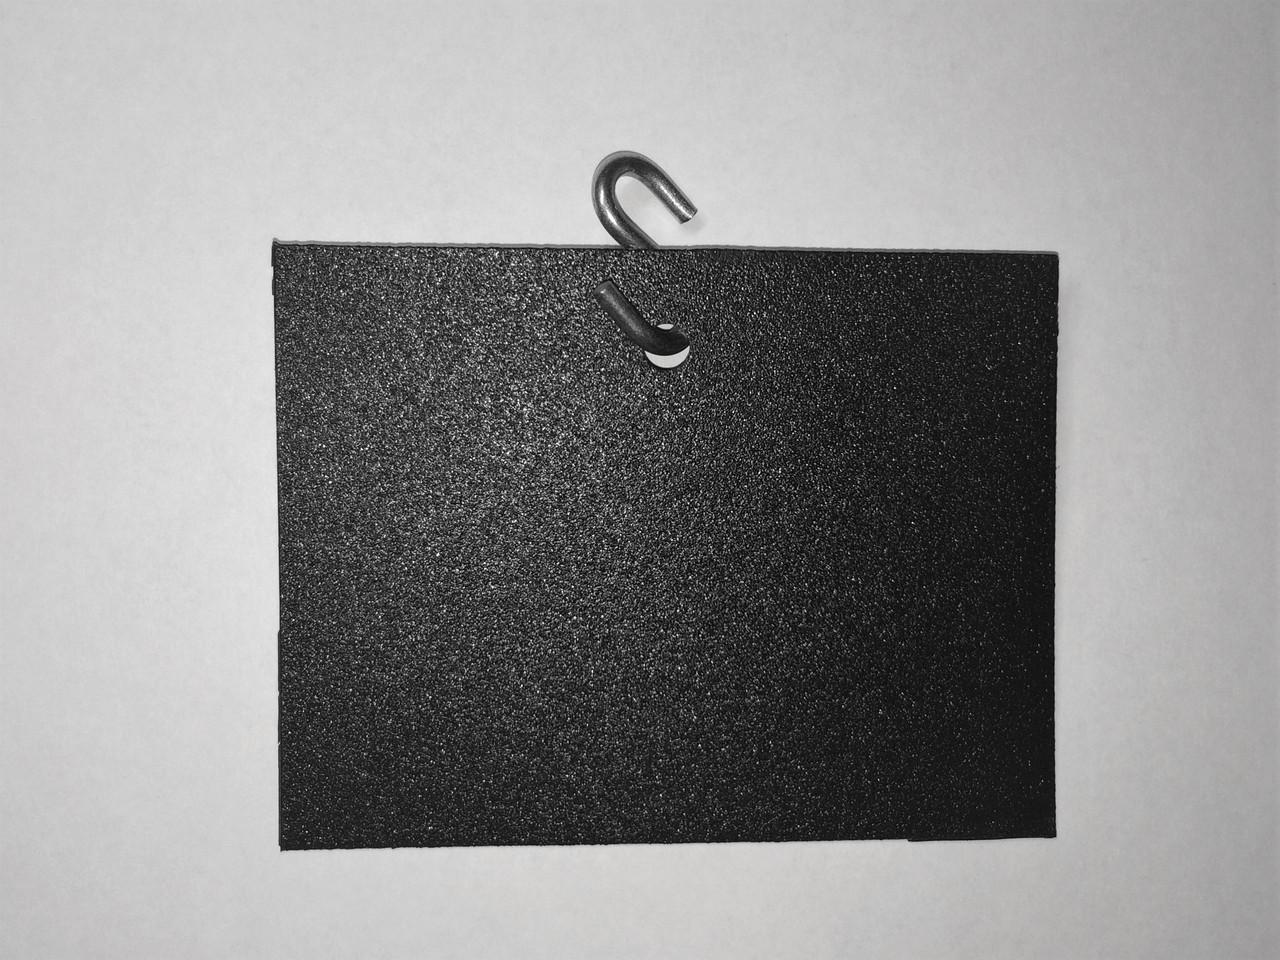 Цінник підвісний 6х8 см s-подібним гачком крейдяної. Грифельна табличка. Для крейди і крейдового маркера